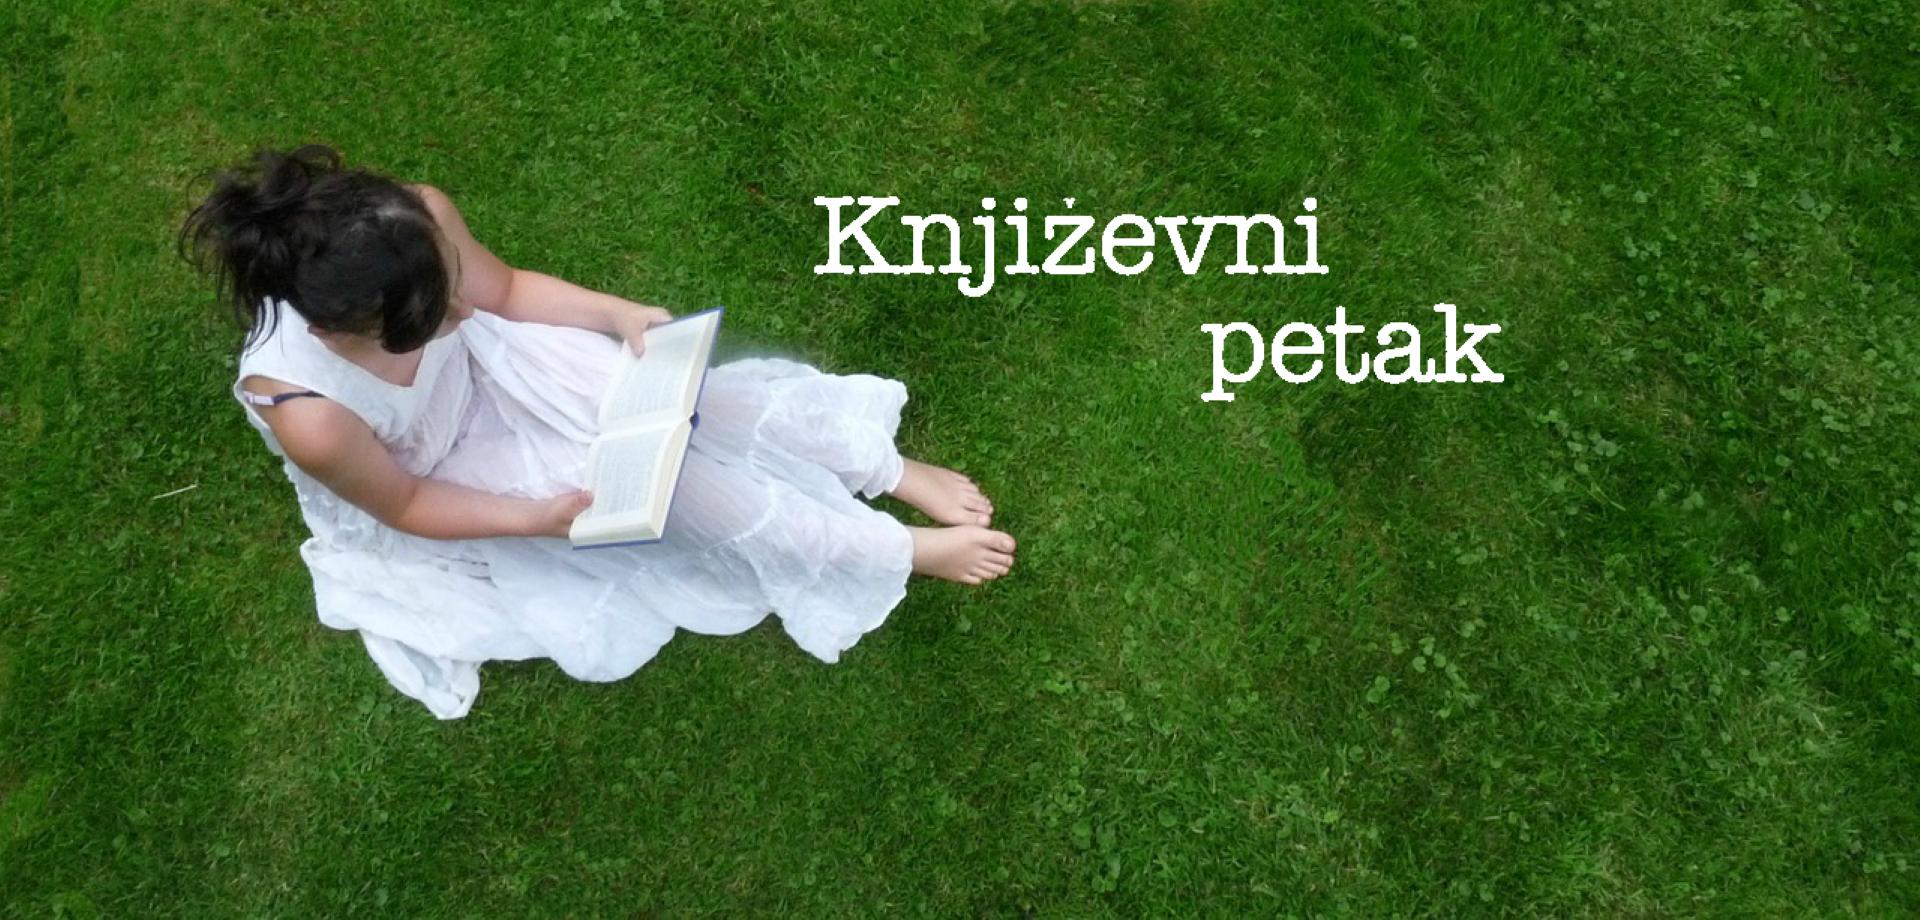 Photo of Književni petak: Knjige koje su obilježile 2015. godinu